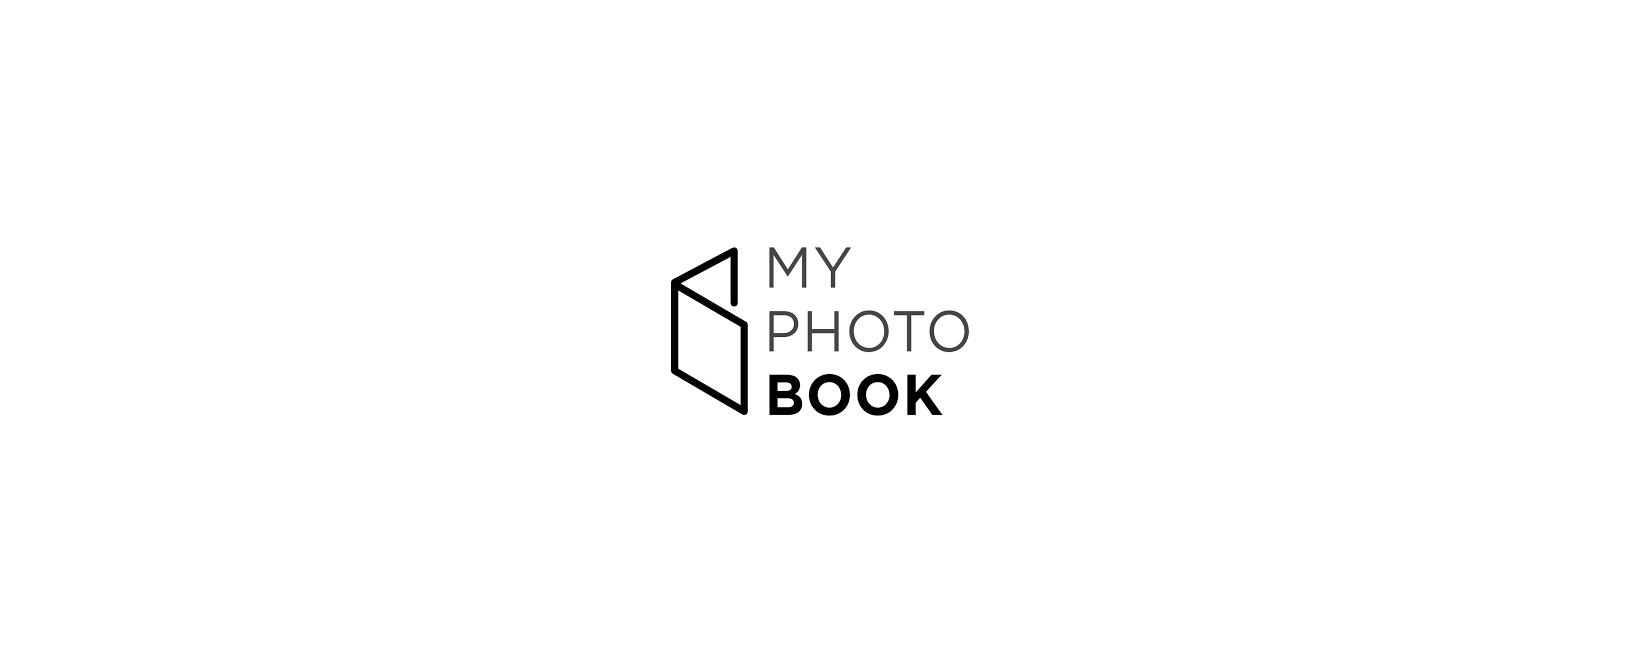 Myphotobook UK Discount Code 2021